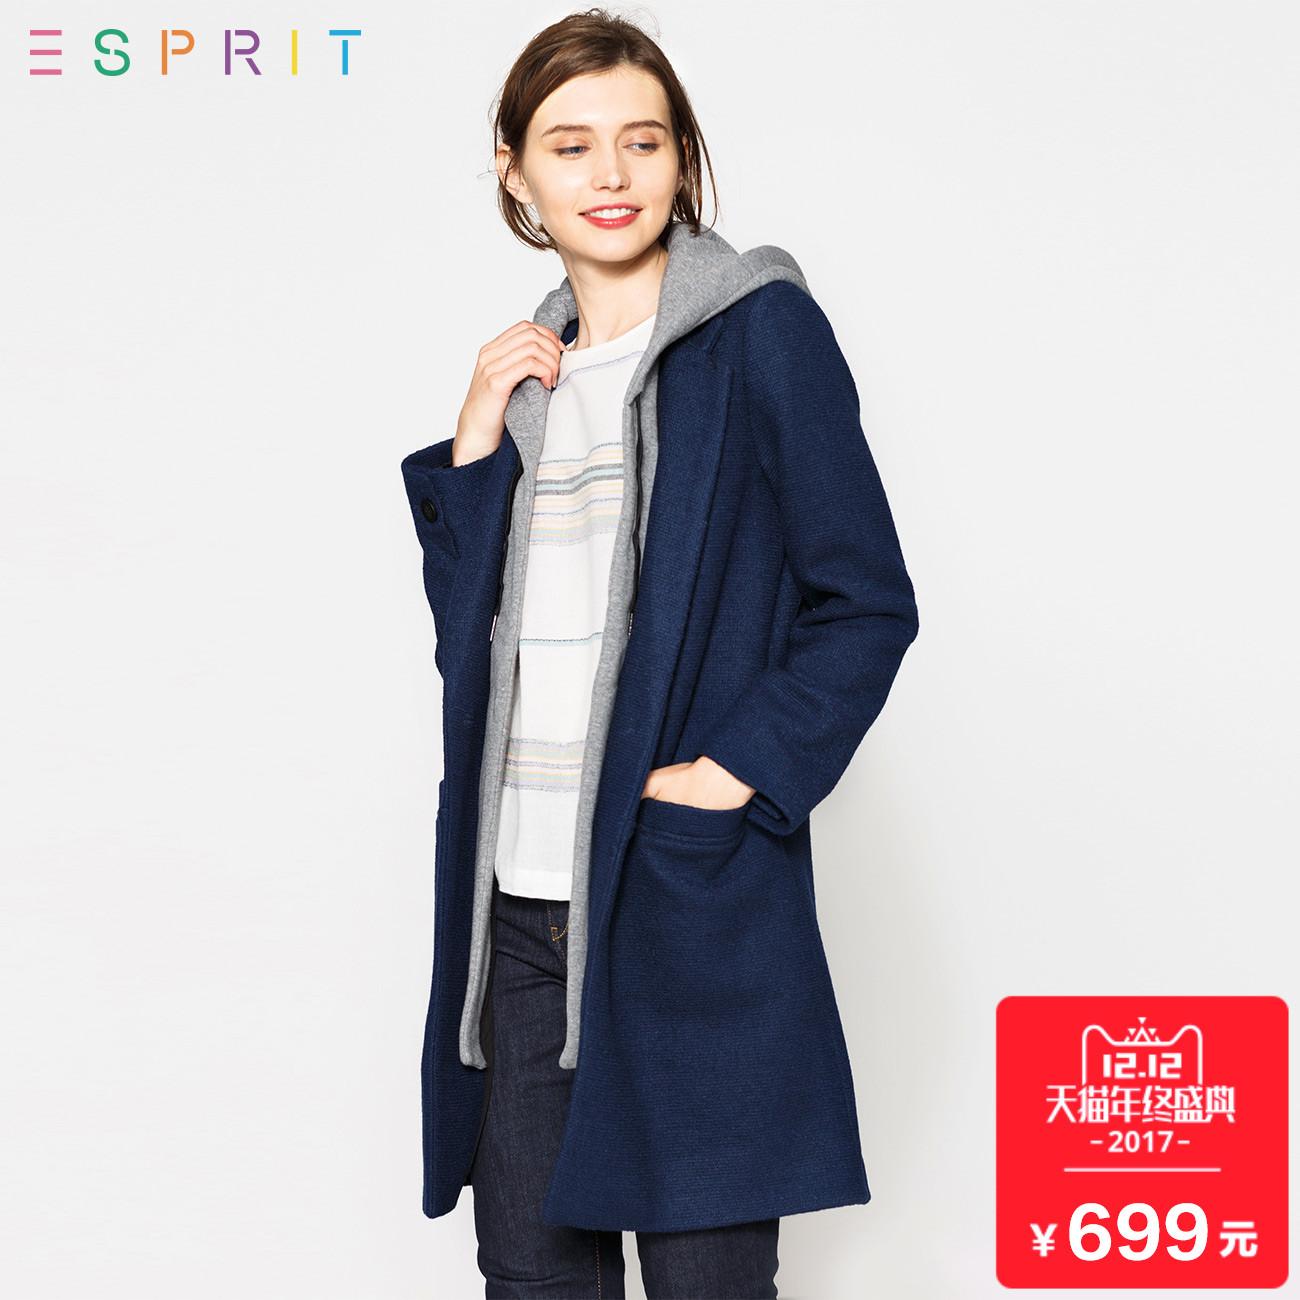 ESPRIT EDC女装2017秋新品假两件连帽毛呢大衣外套女-097CC1G901